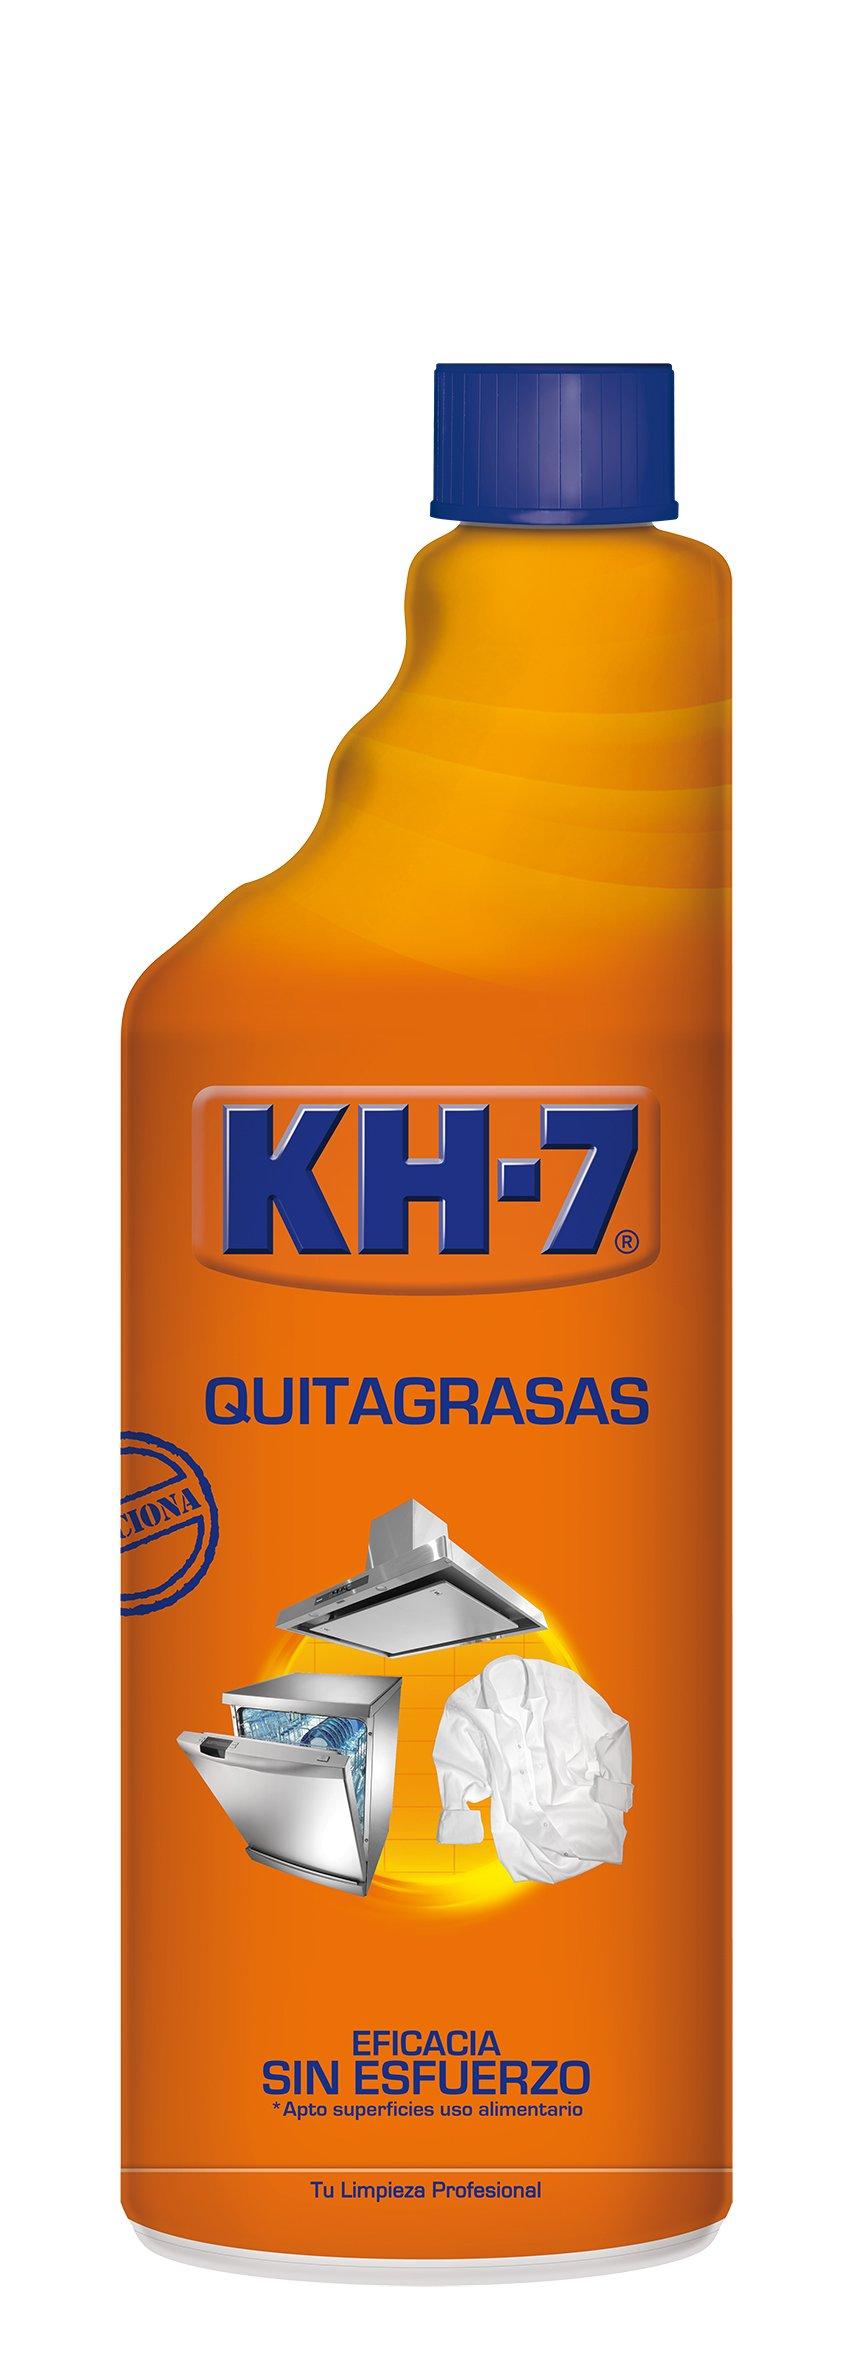 Kh 7 Quitagrasas Producto de Limpieza - 0,75 l product image